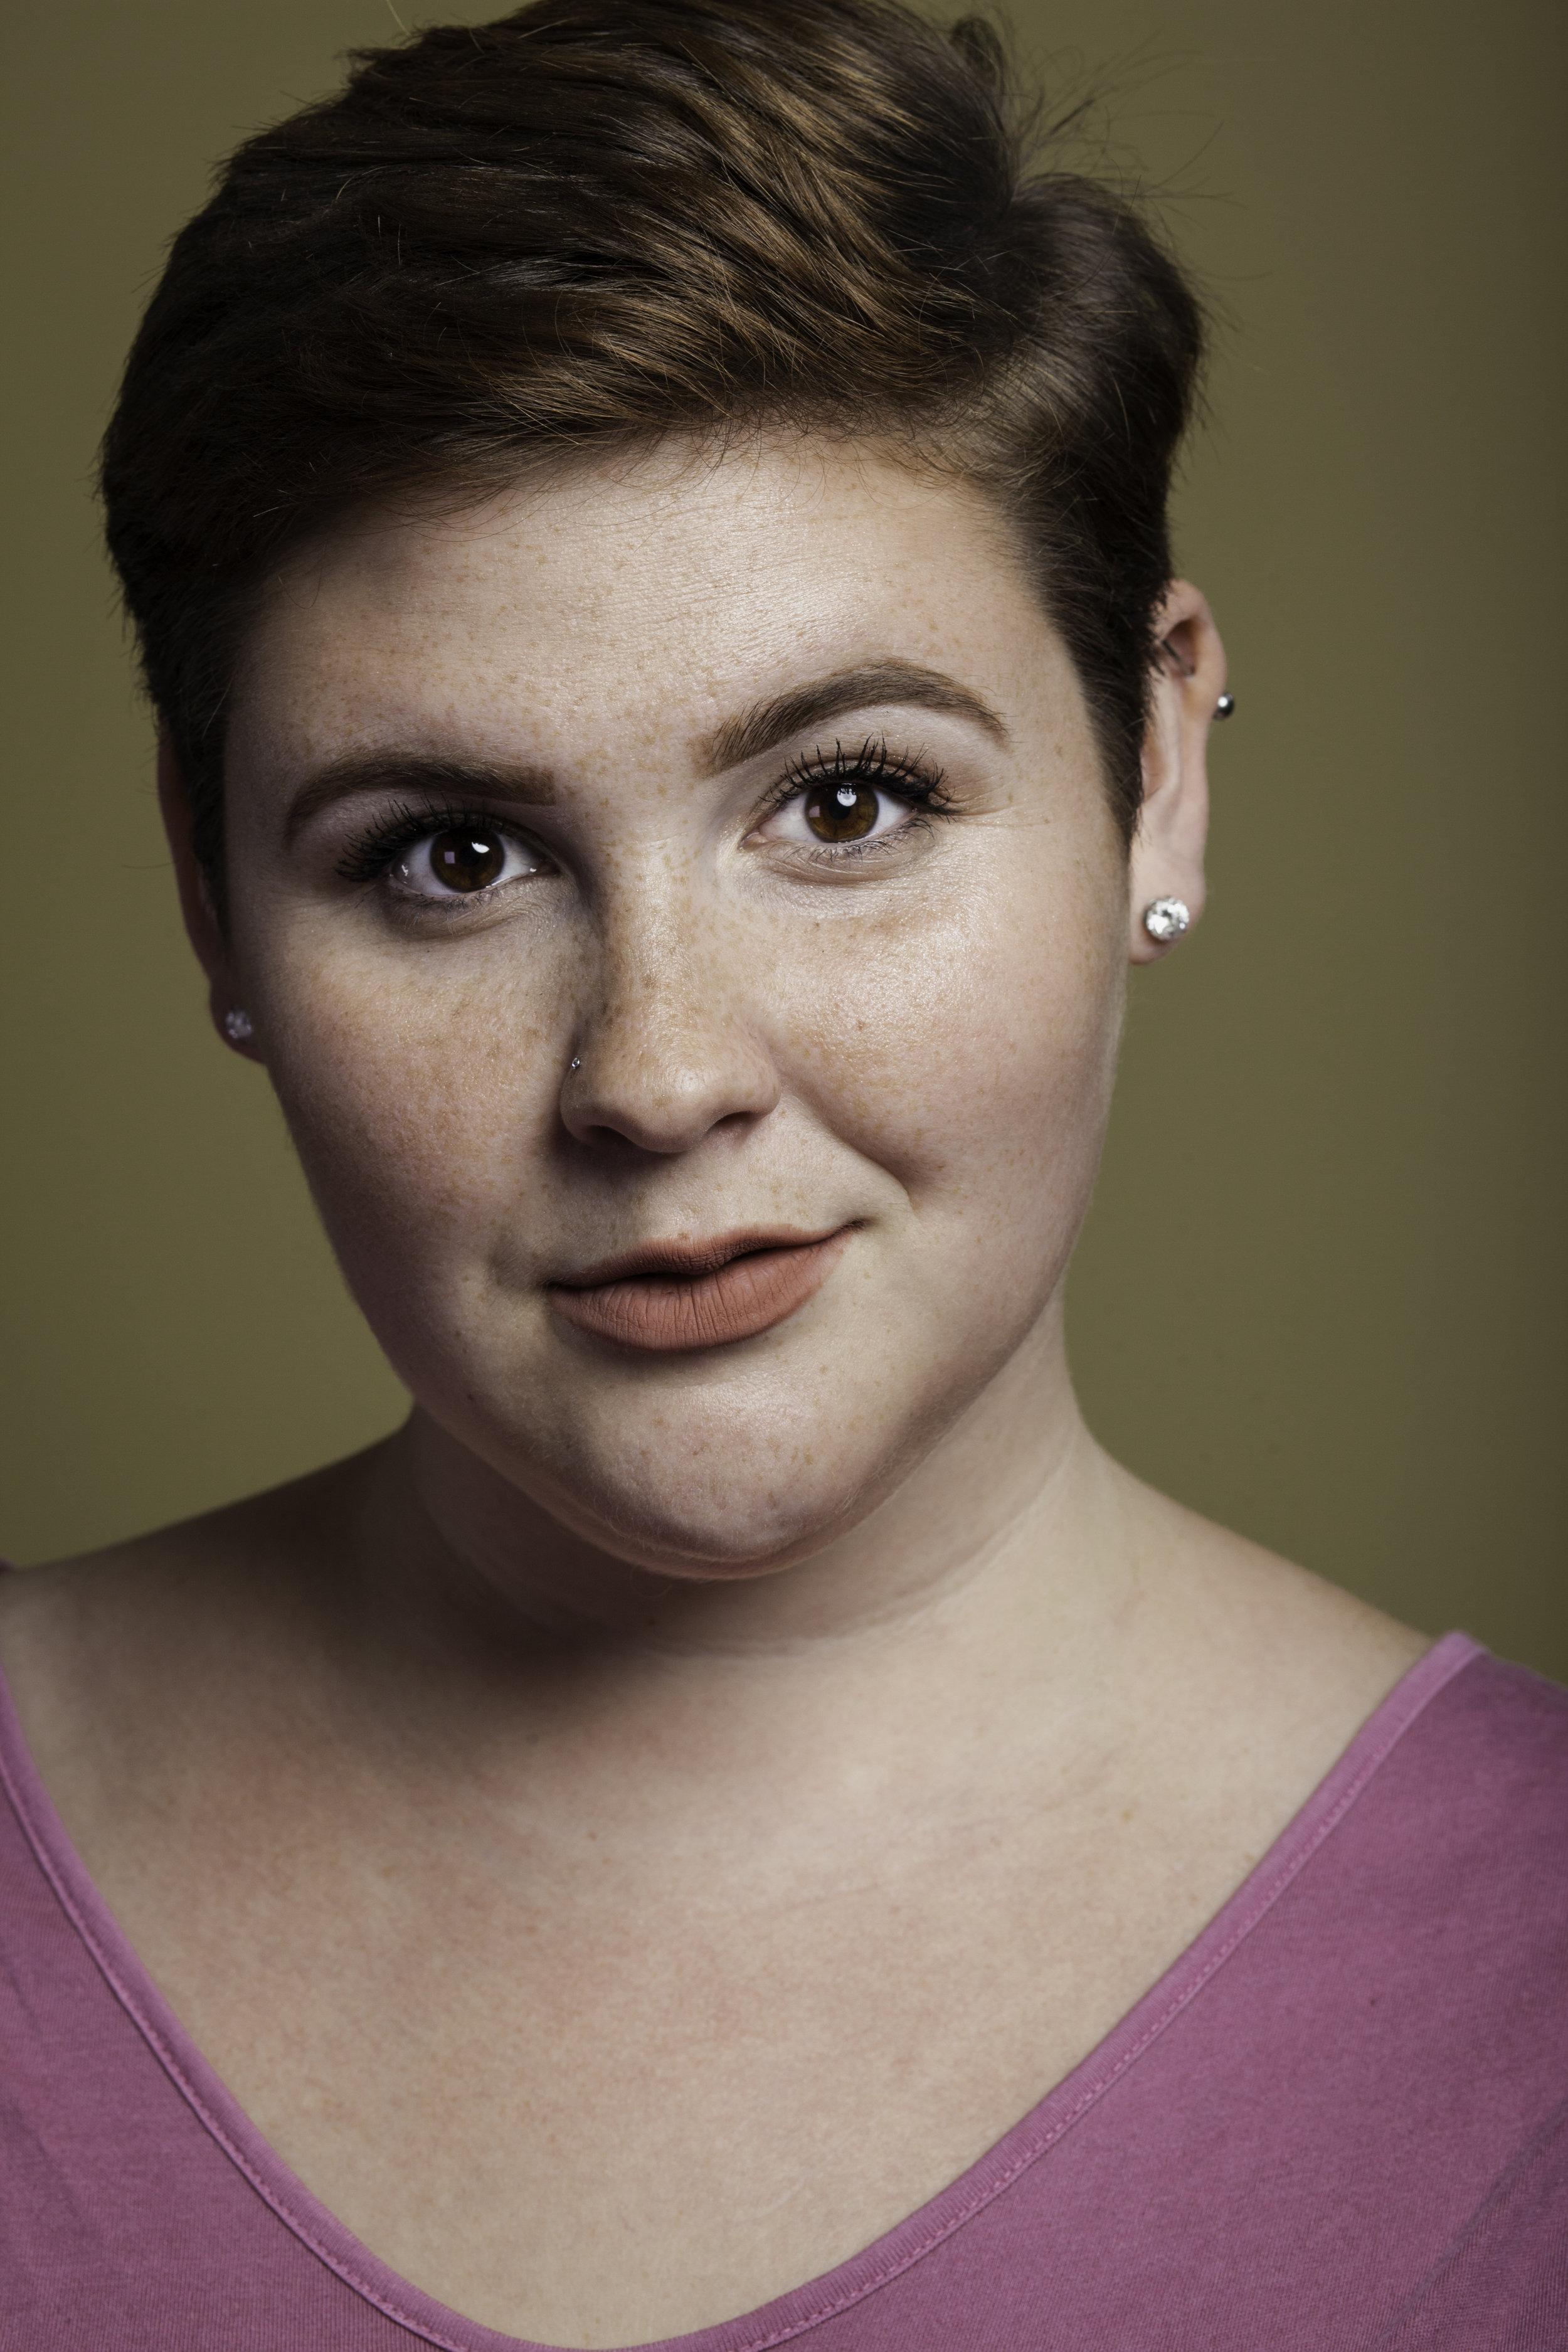 Sarah Haun